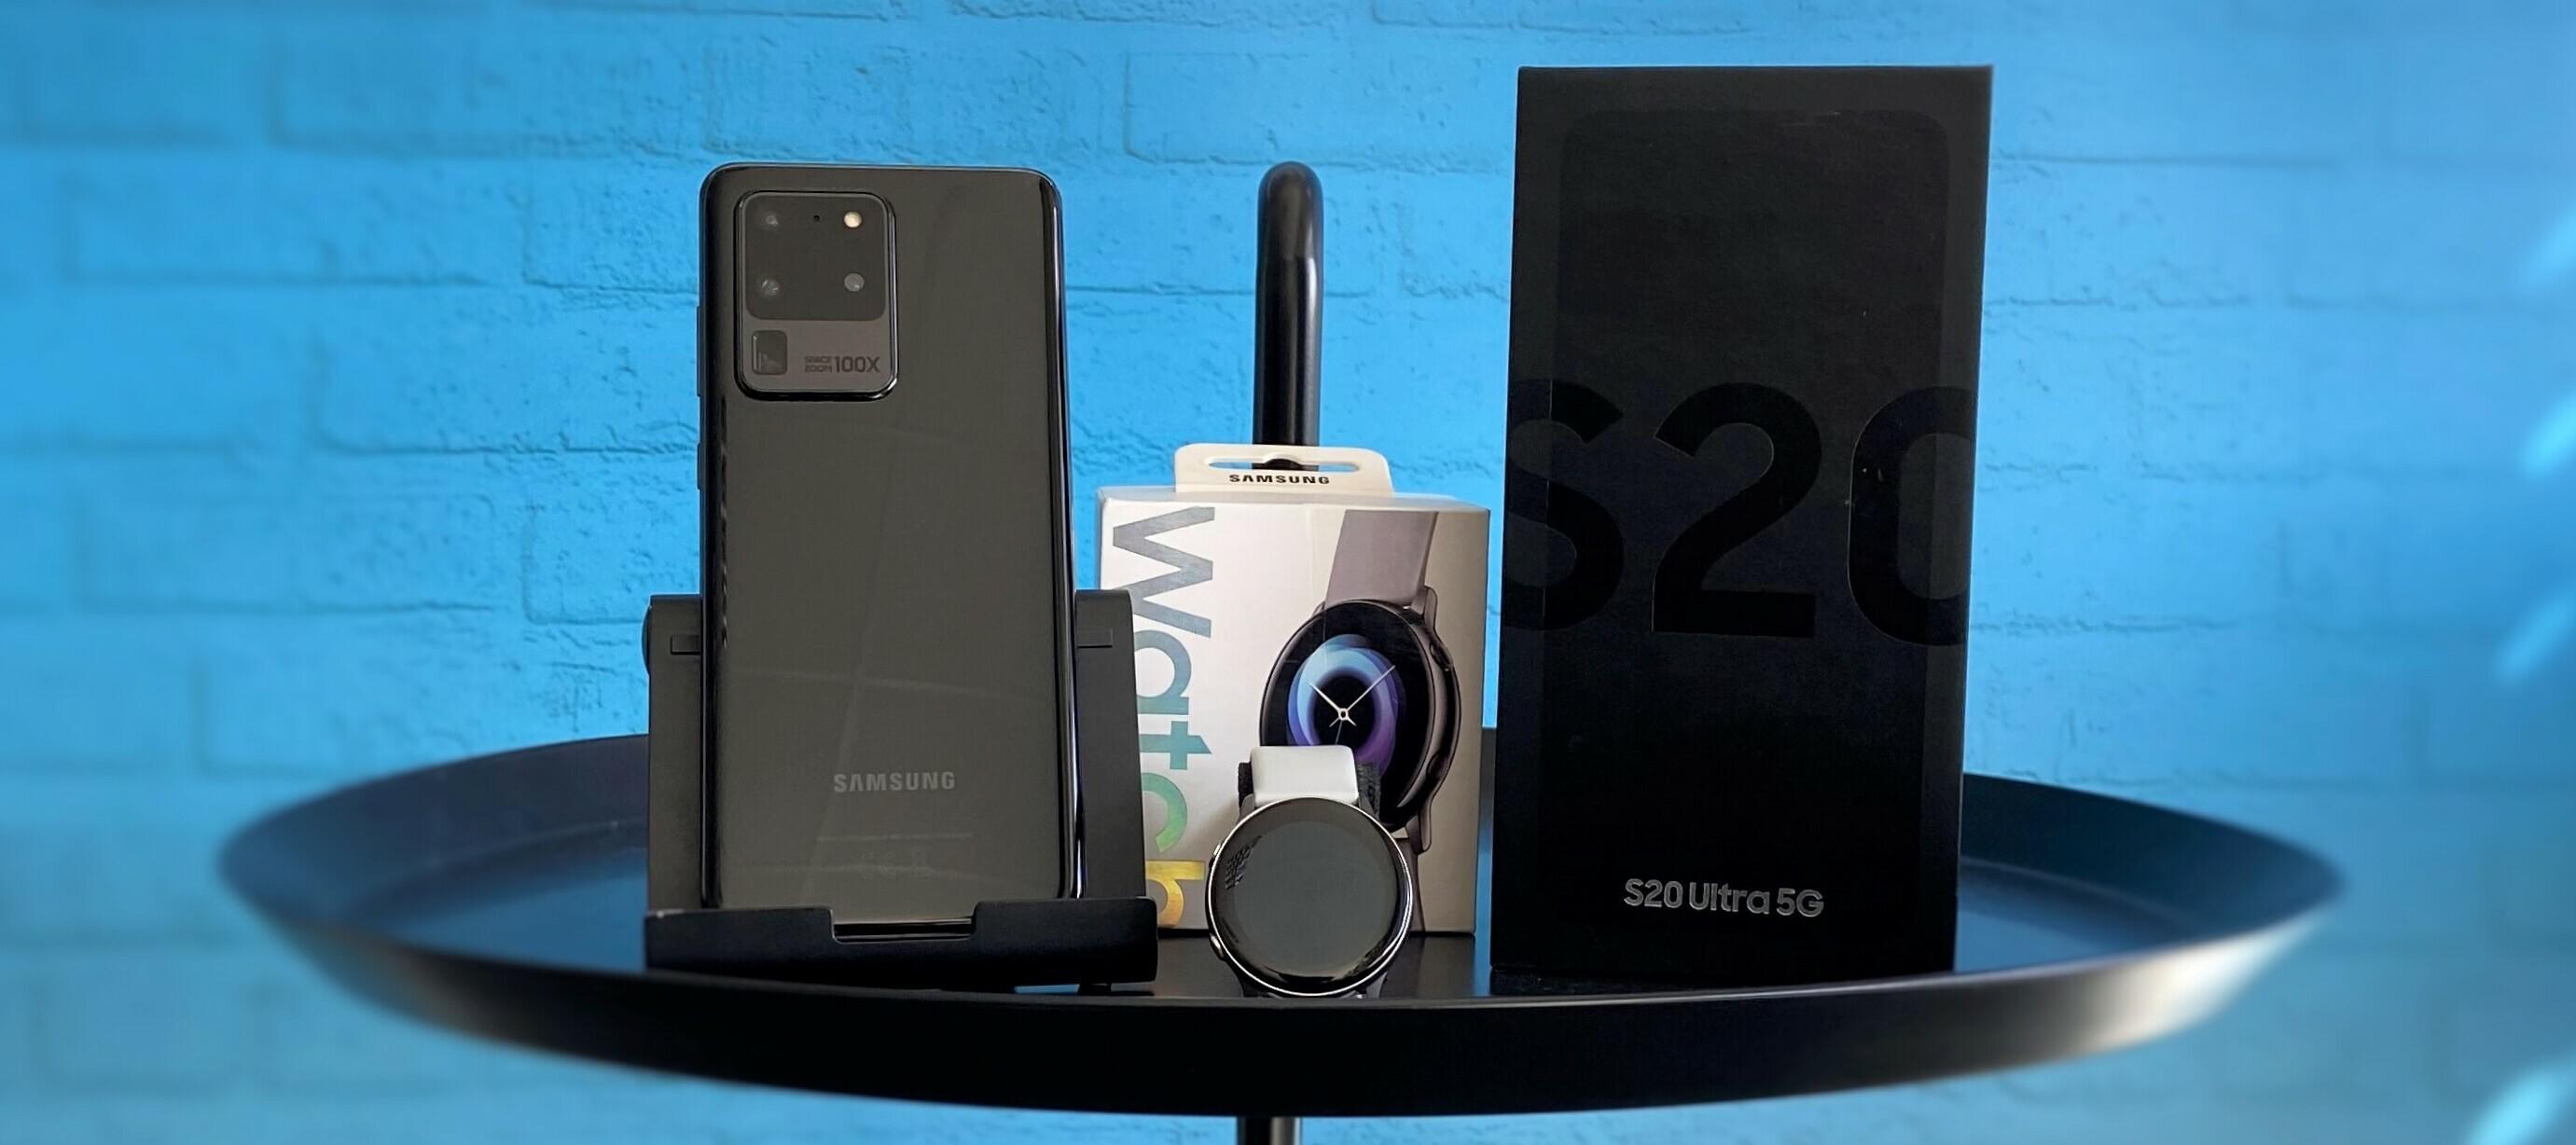 Samsung Galaxy S20 Ultra 5G & Samsung Galaxy Watch Active - das Highend Bundle sucht dich als Tester:in!